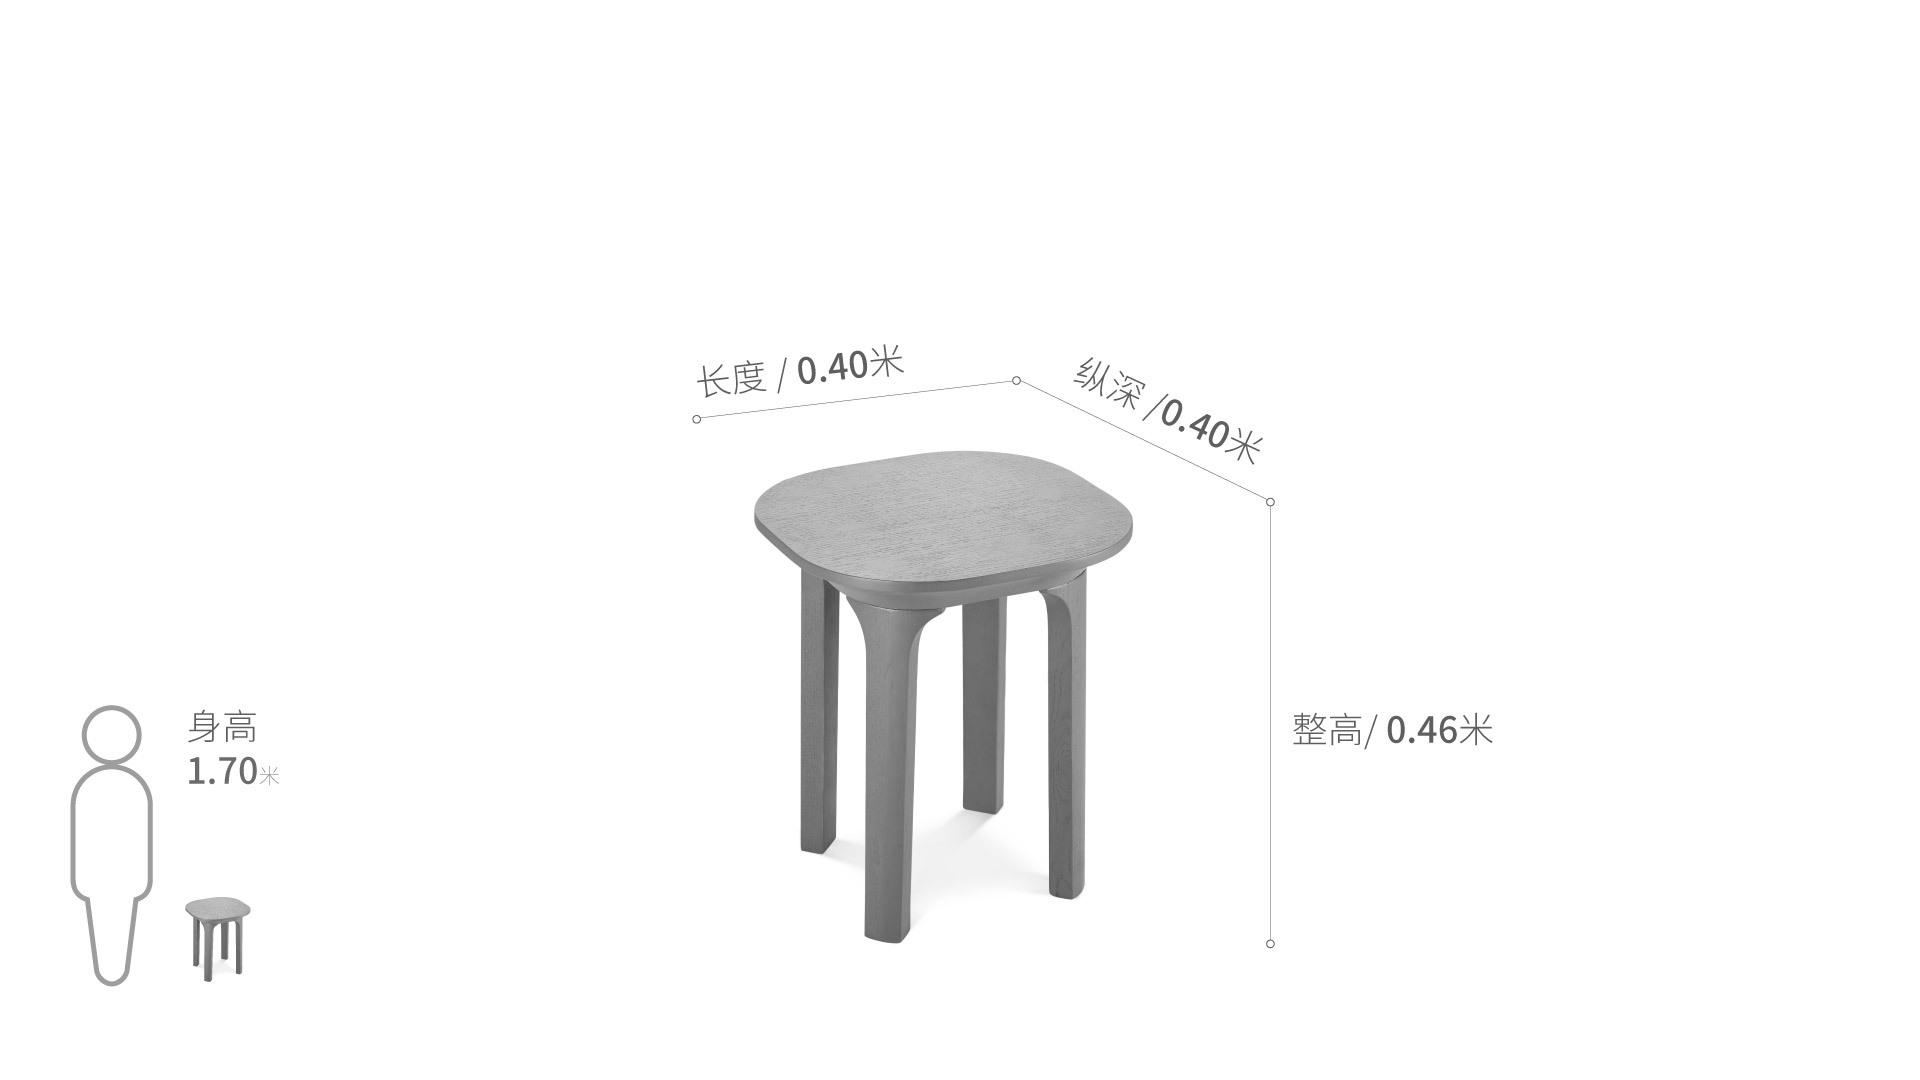 瓦檐边桌®方形边桌桌几效果图